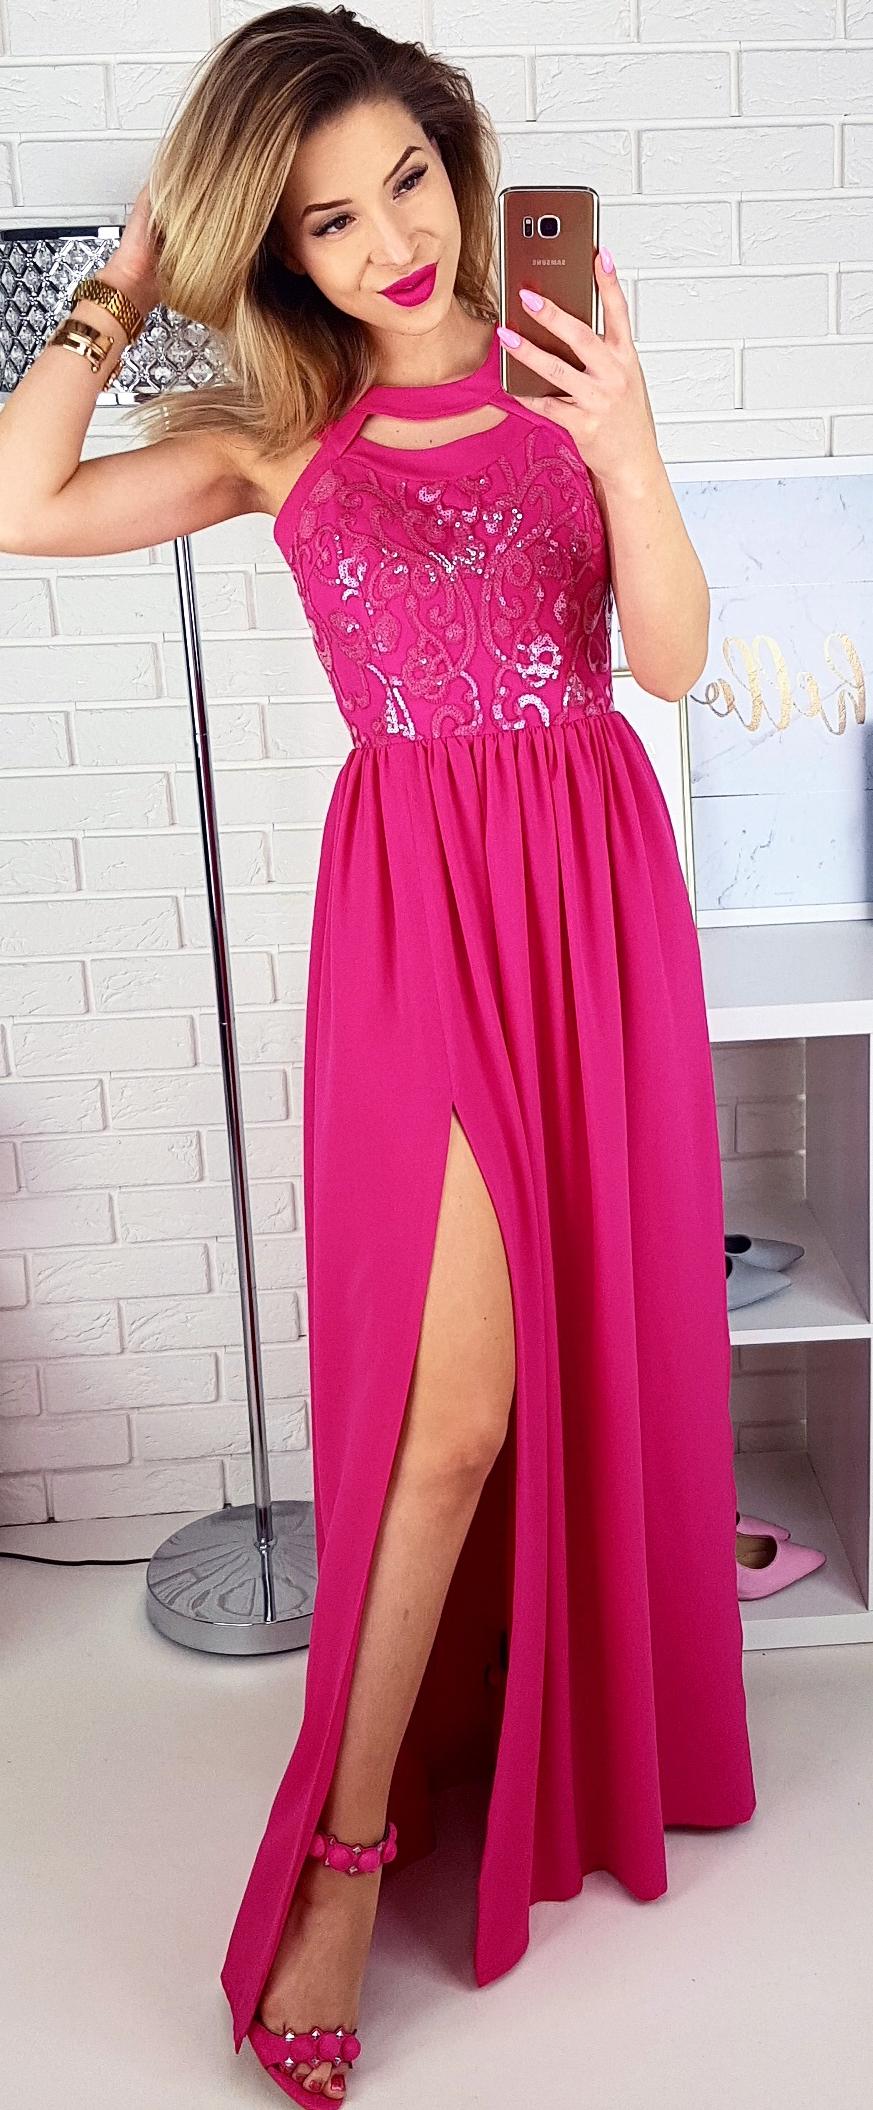 Dluga Rozowa Suknia Dla Druhny Lub Na Wesele Dluga Sukienka Na Letnie Przyjecia 3 Pretty Dresses Dresses Dress Skirt